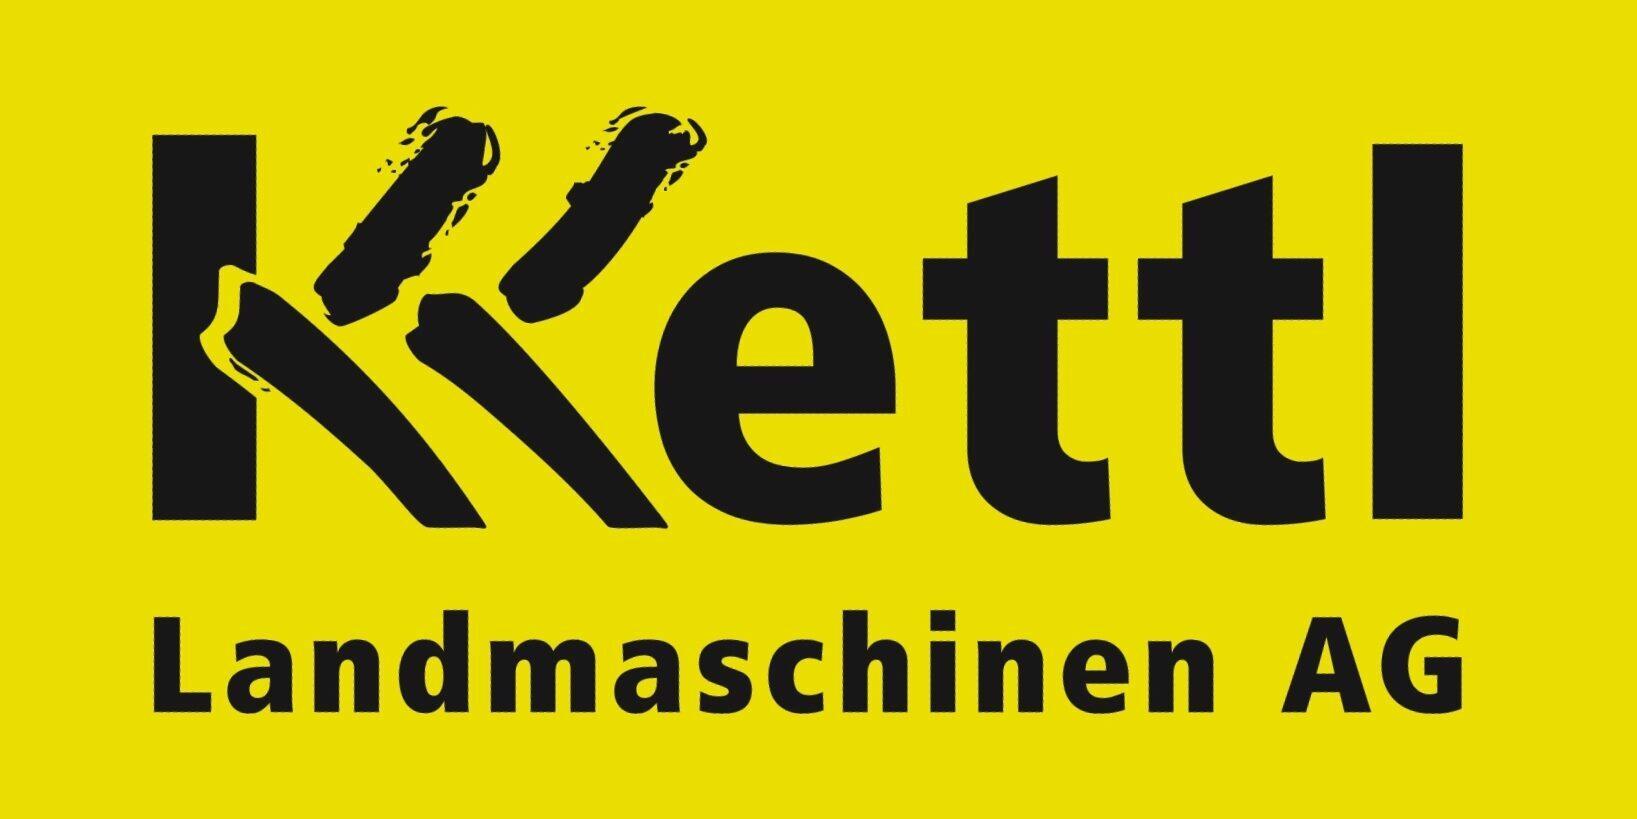 Kettl Landmaschinen AG